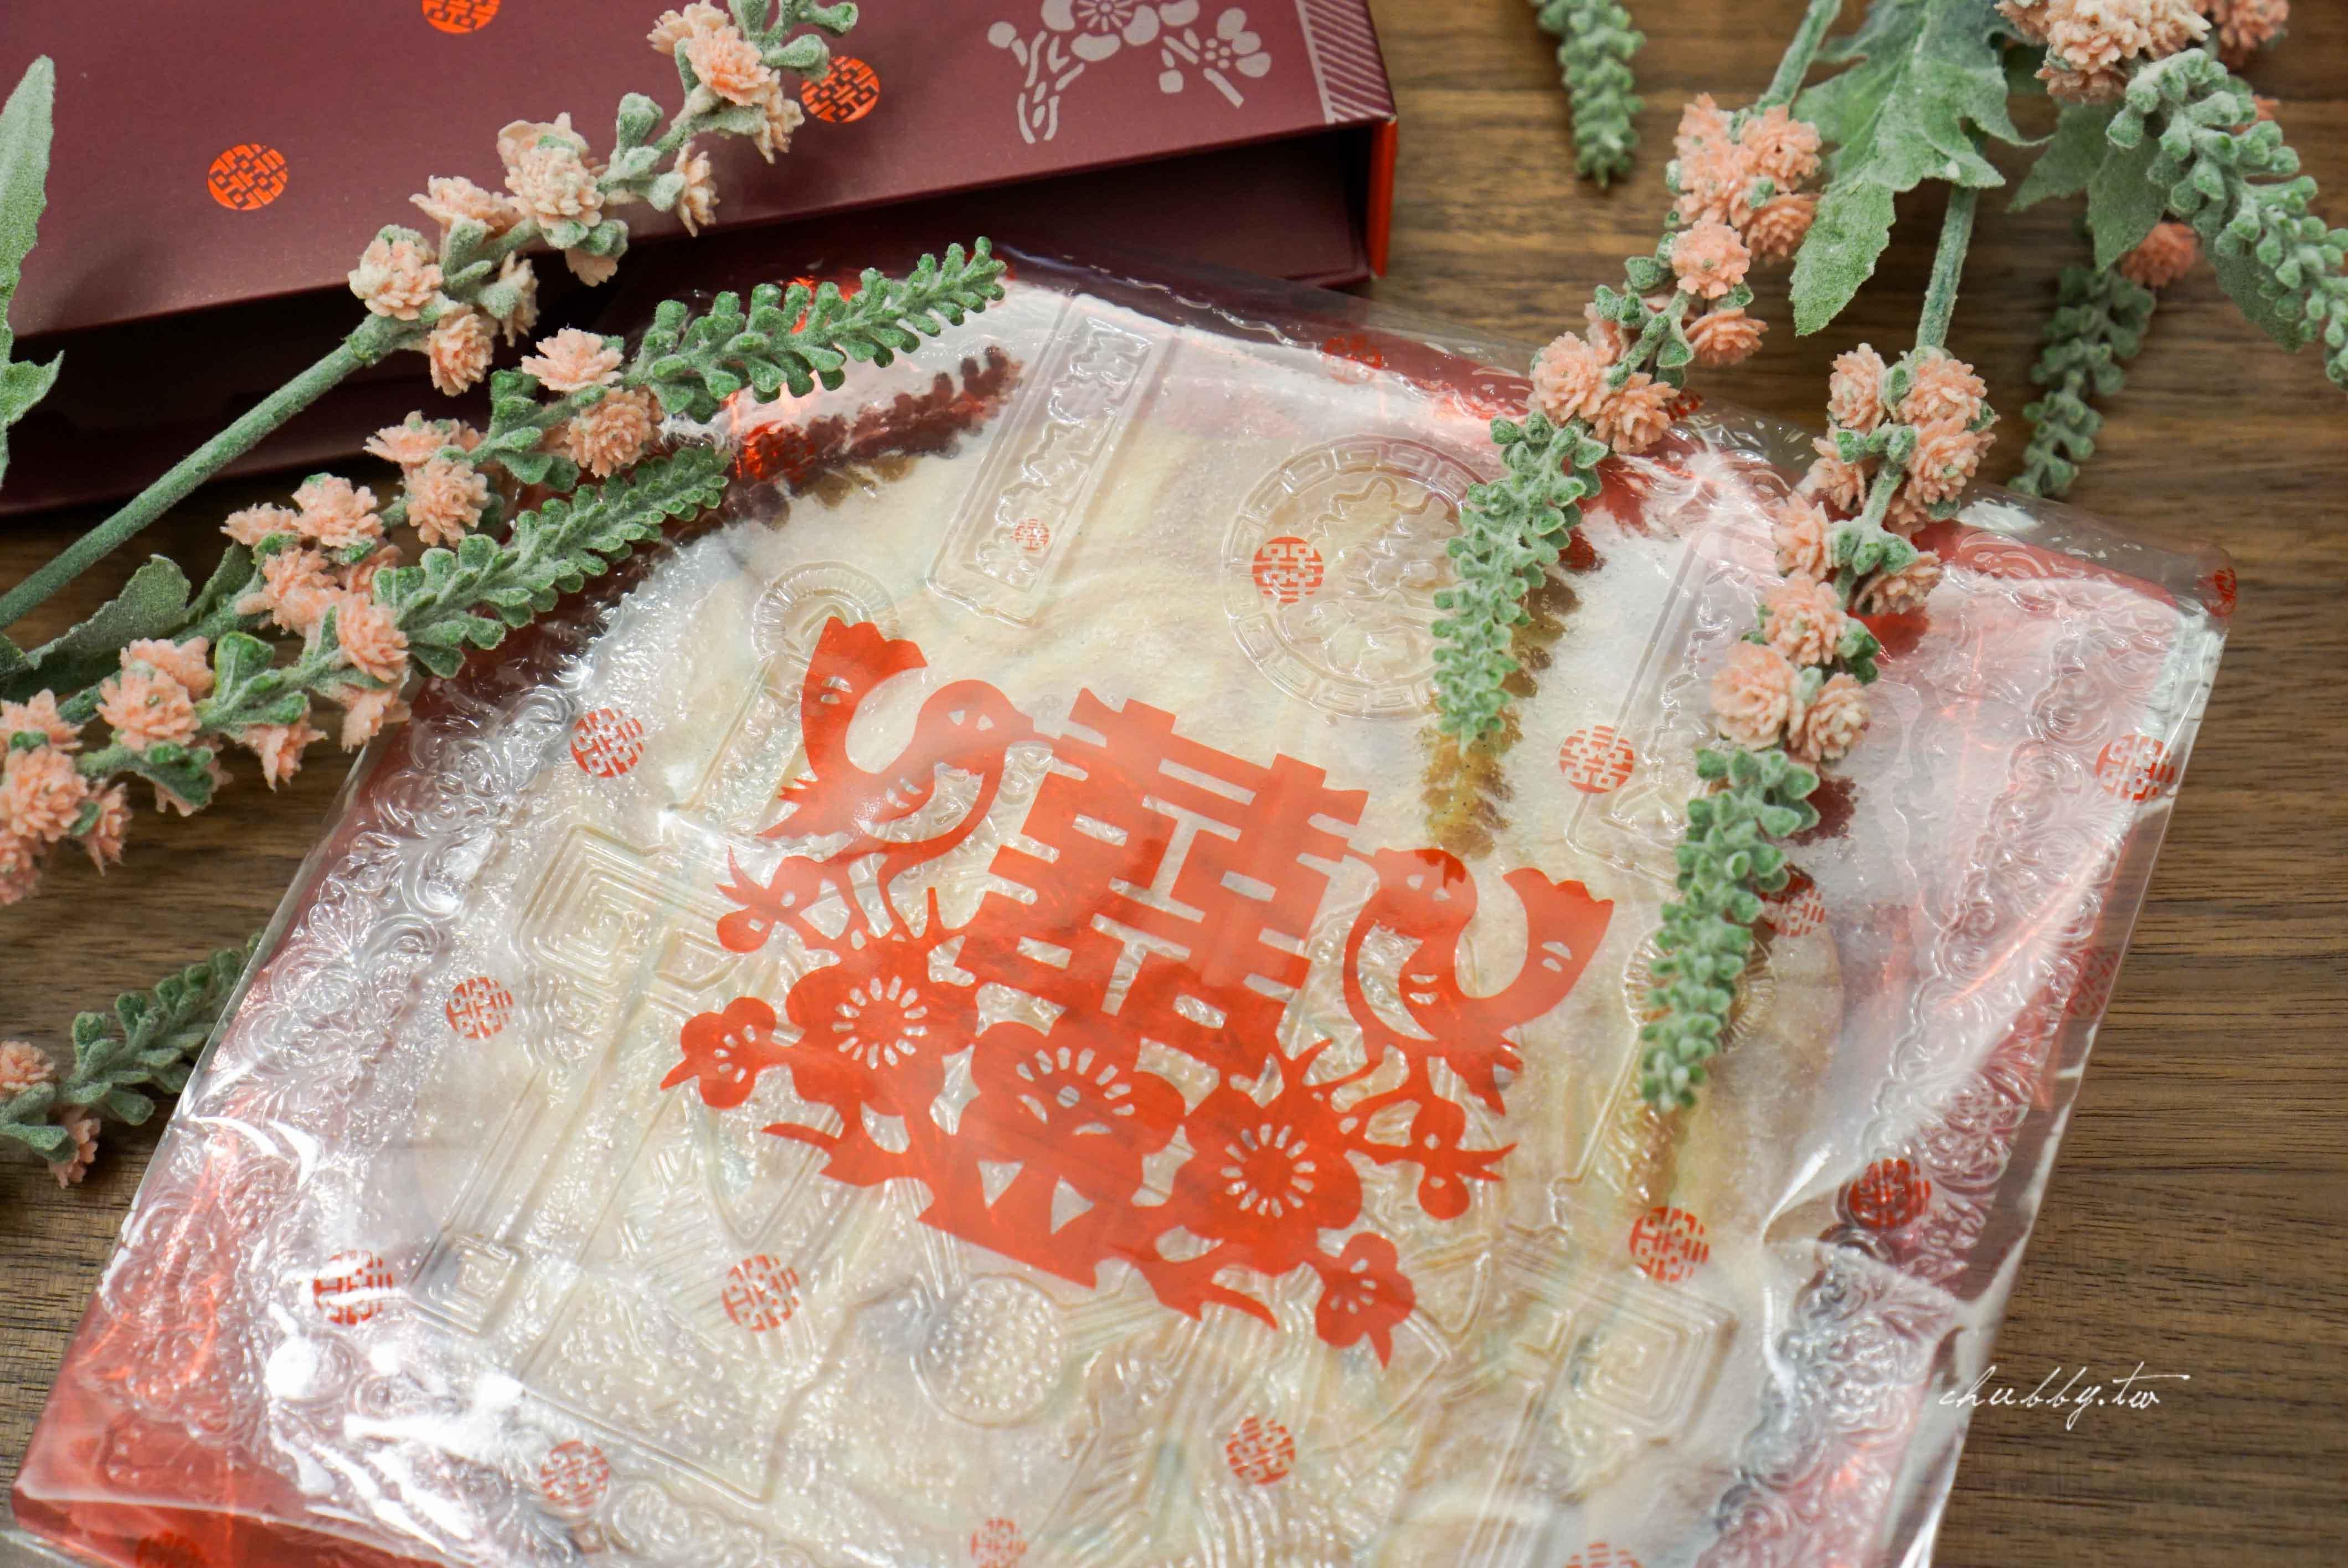 我的結婚大餅:李亭香 日頭餅禮盒.烏豆沙蛋黃,舊振南和李亭香試餅心得